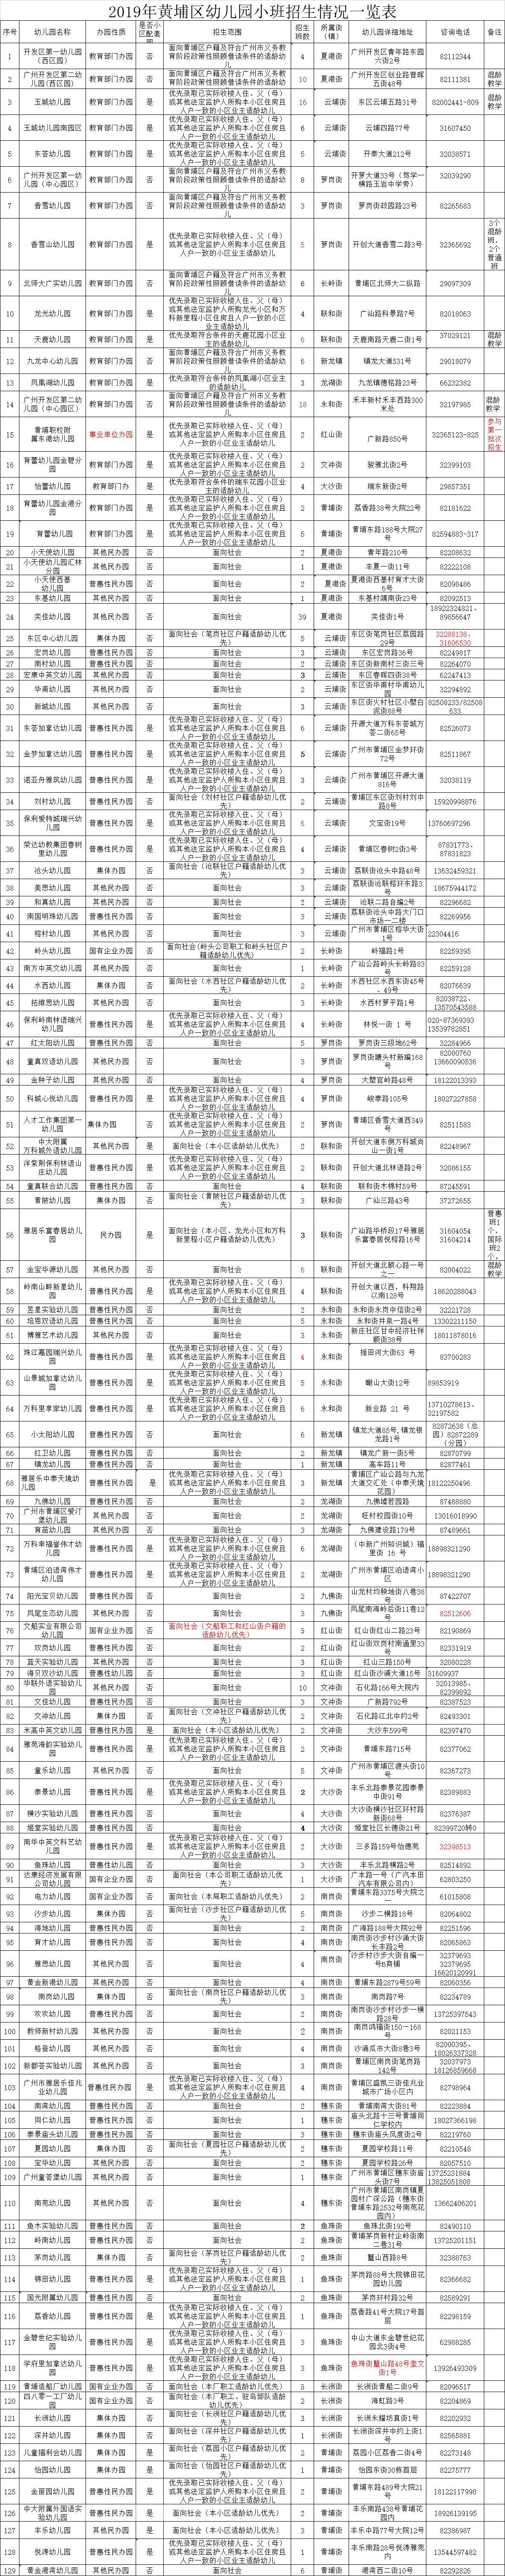 2019广州黄埔区幼儿园招生范围及招生计划